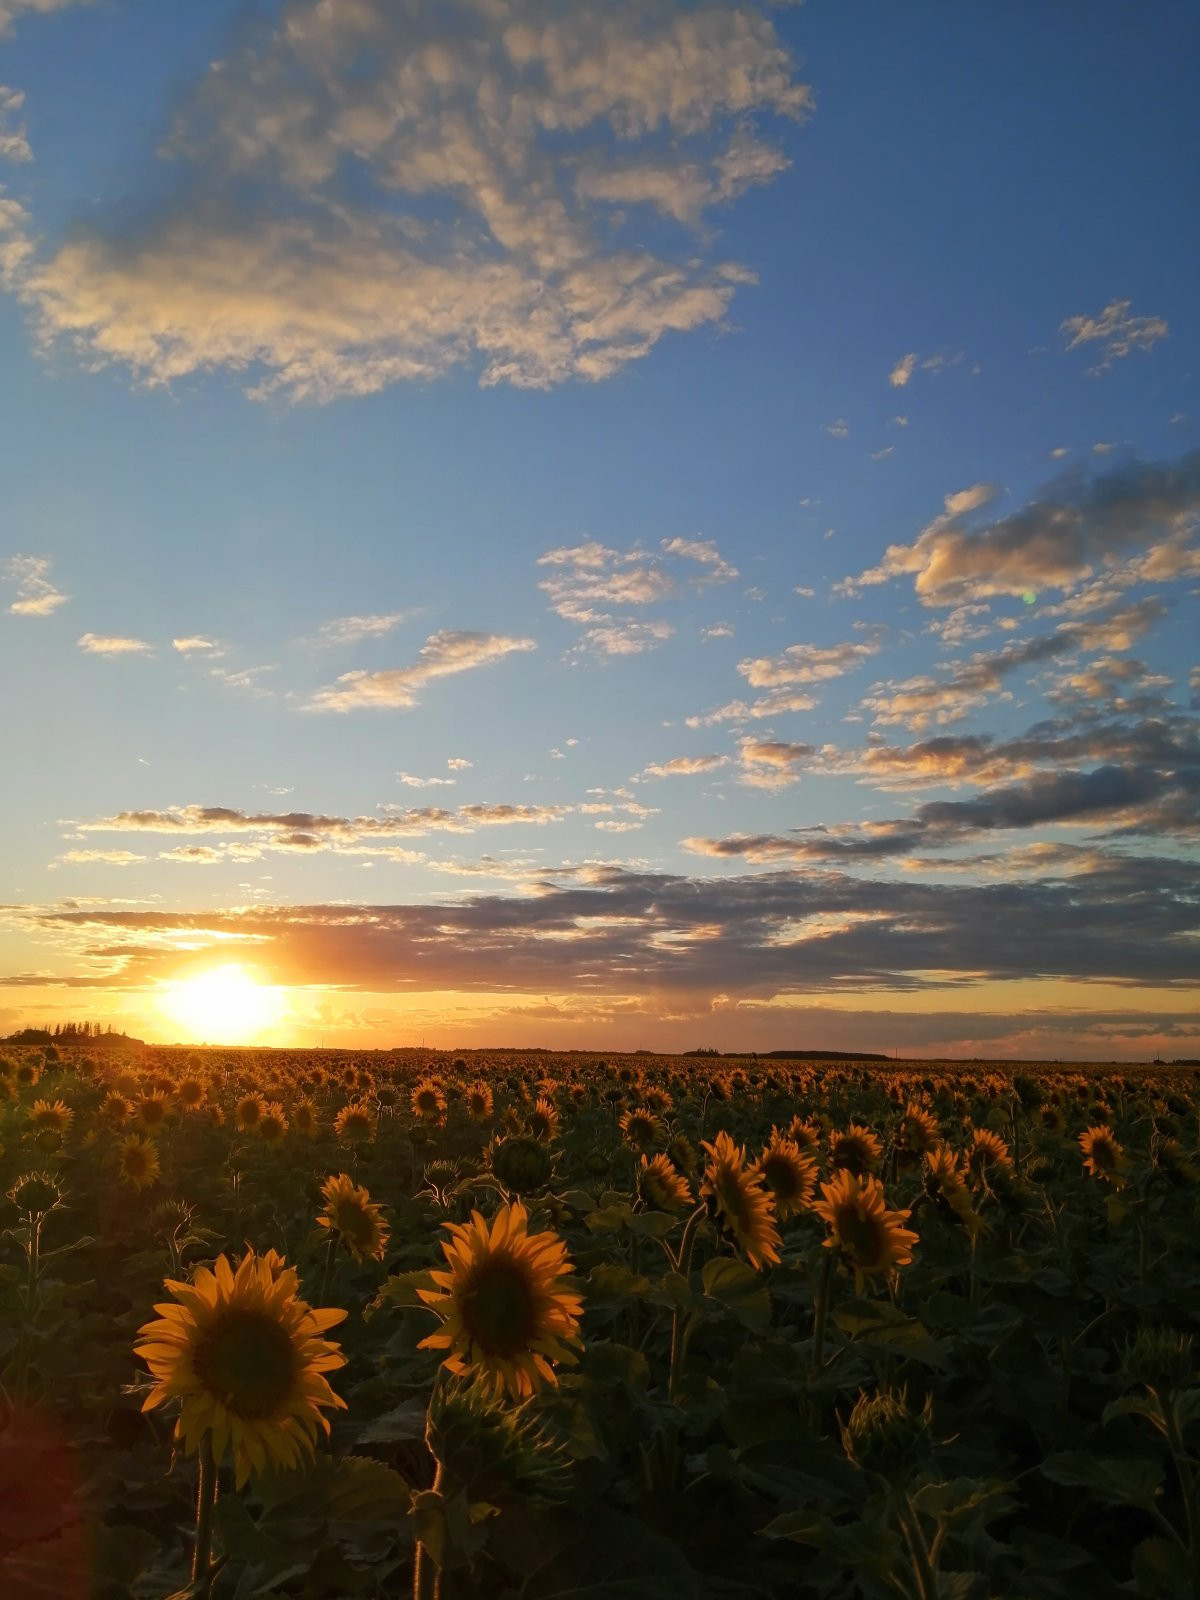 A field in Dugald, Manitoba.